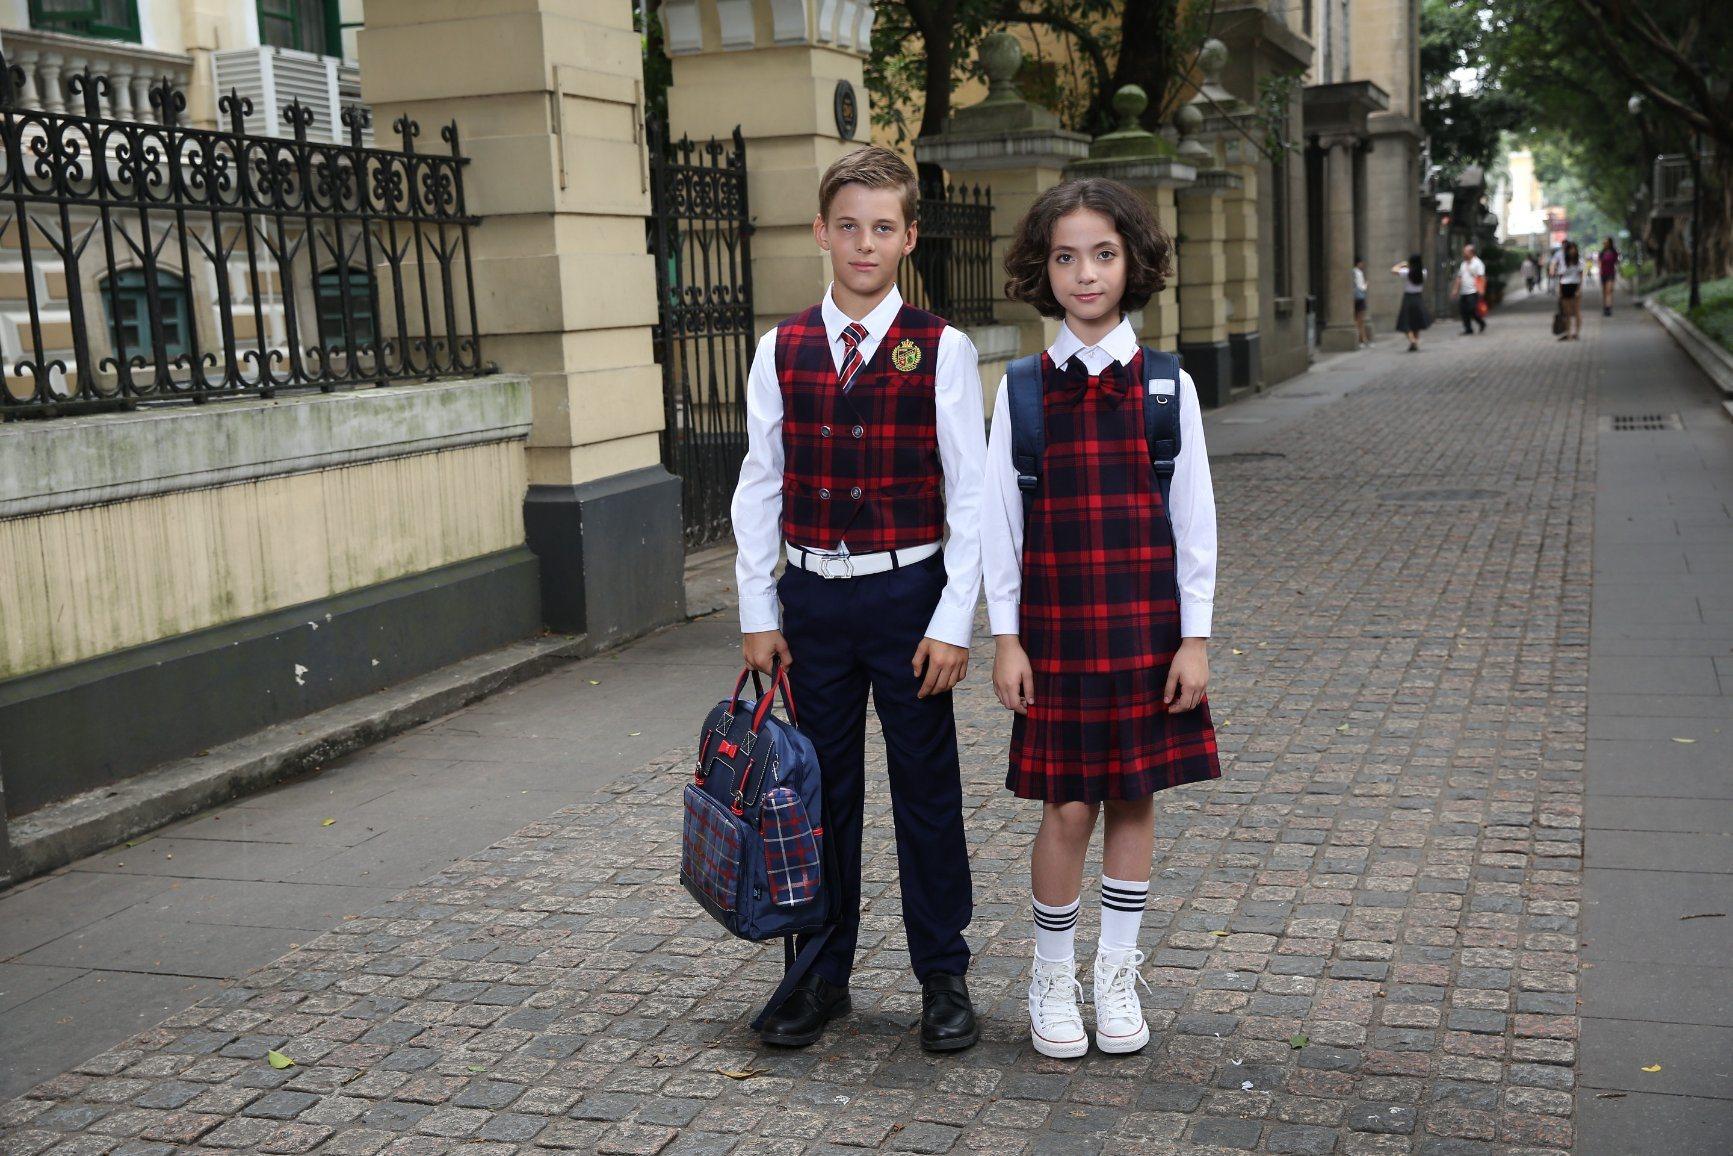 234e7cee8241b Vestido de cuadros escoceses primaria Escolares uniformes escolares ropa